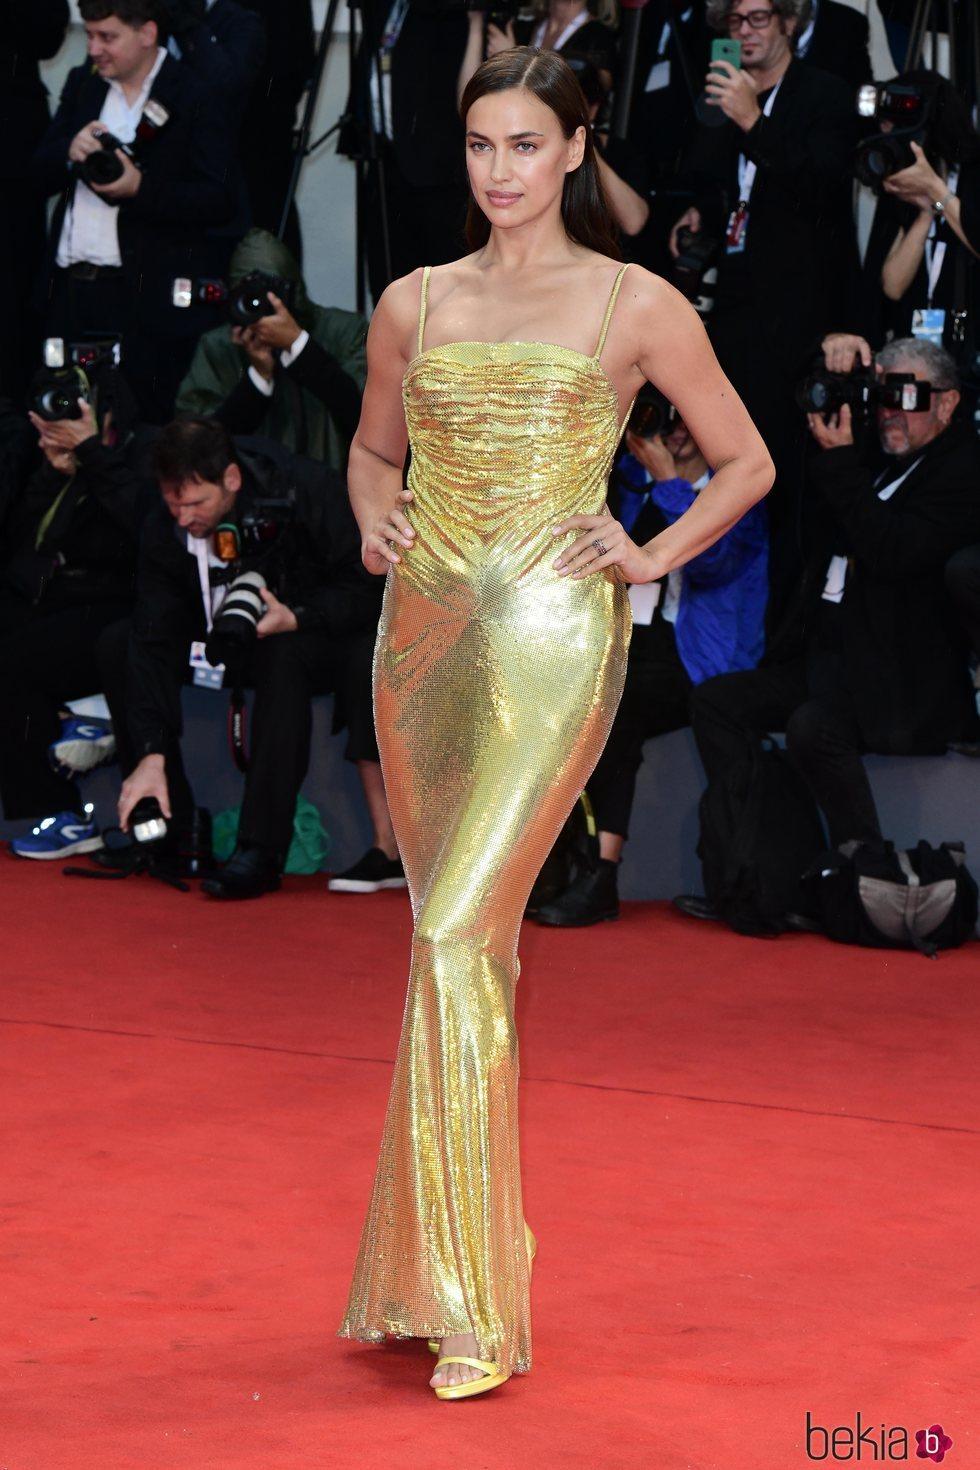 Irina Shayk en el 75 Festival Internacional de Cine de Venecia